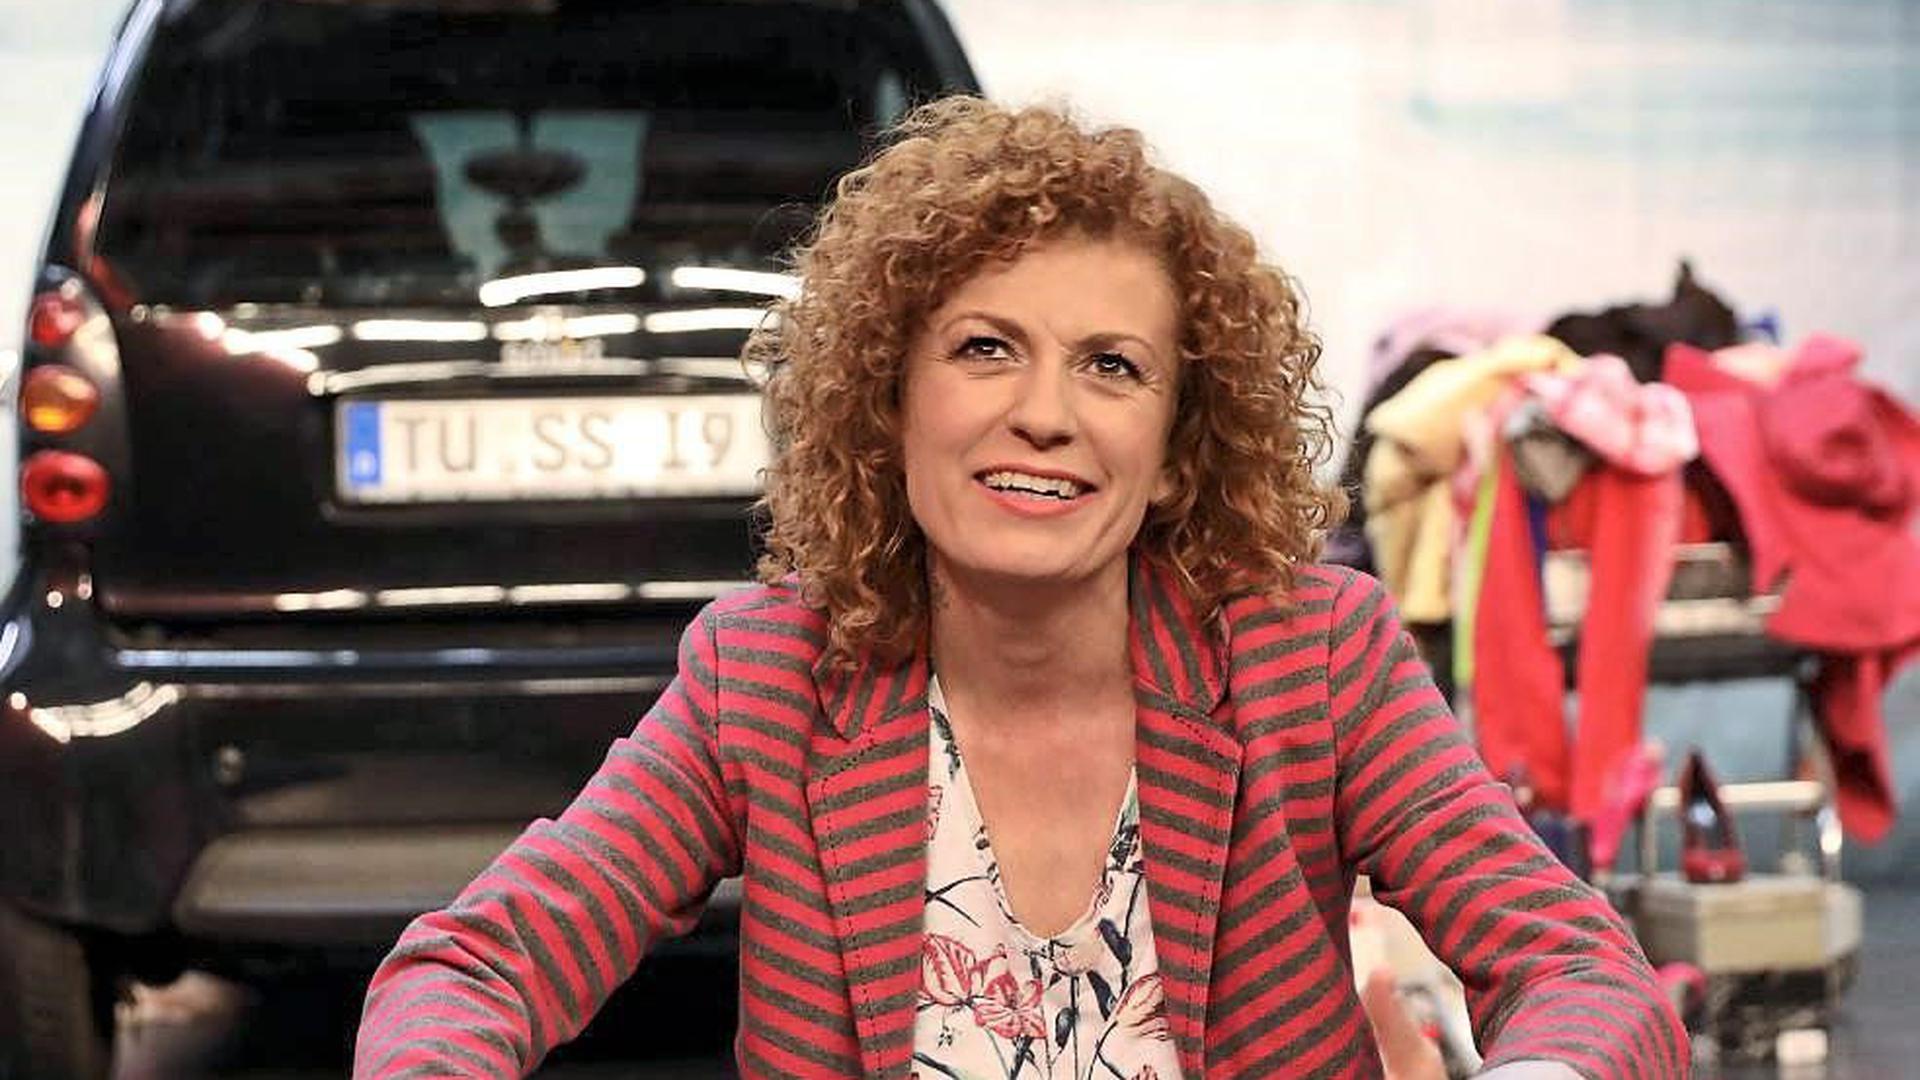 """Bekanntes Gesicht: Lucy Diakovska spielt auf der Kammertheater-Bühne im Stück """"Tussipark"""" erstmals in einer Komödie mit."""